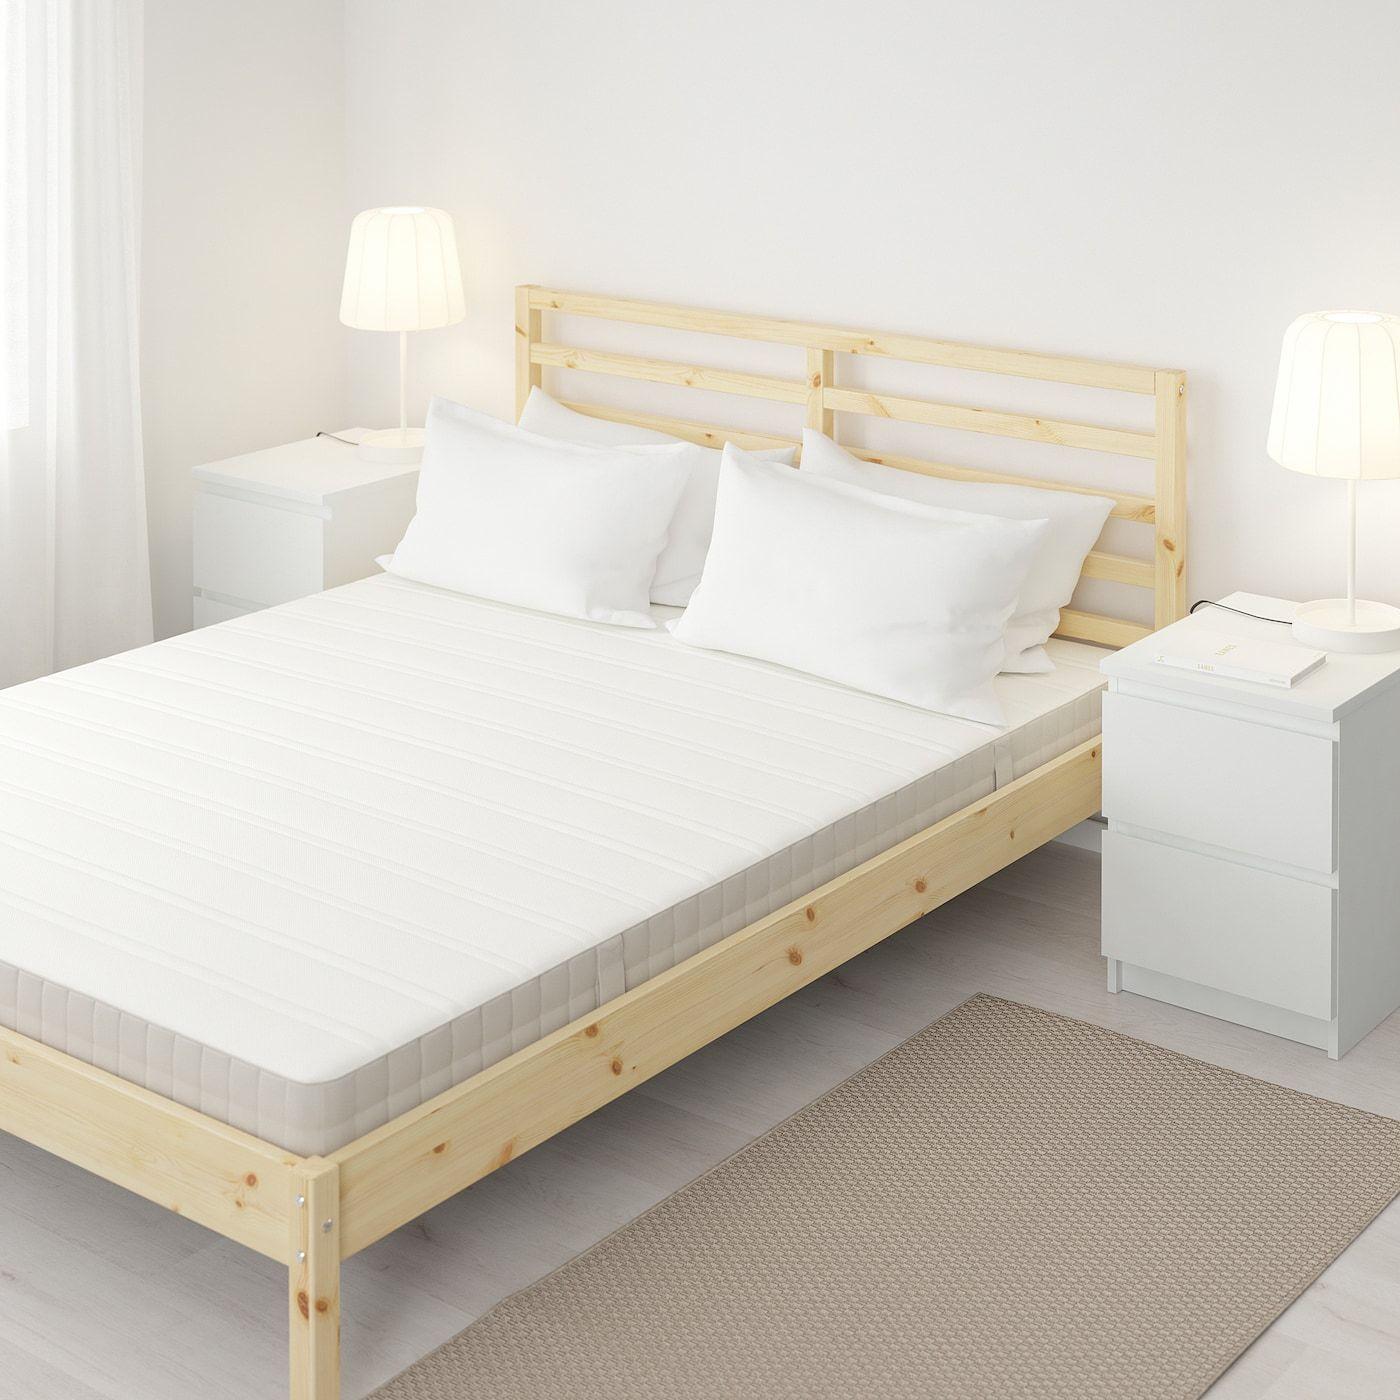 HASVÅG Spring mattress medium firm, beige Queen in 2020